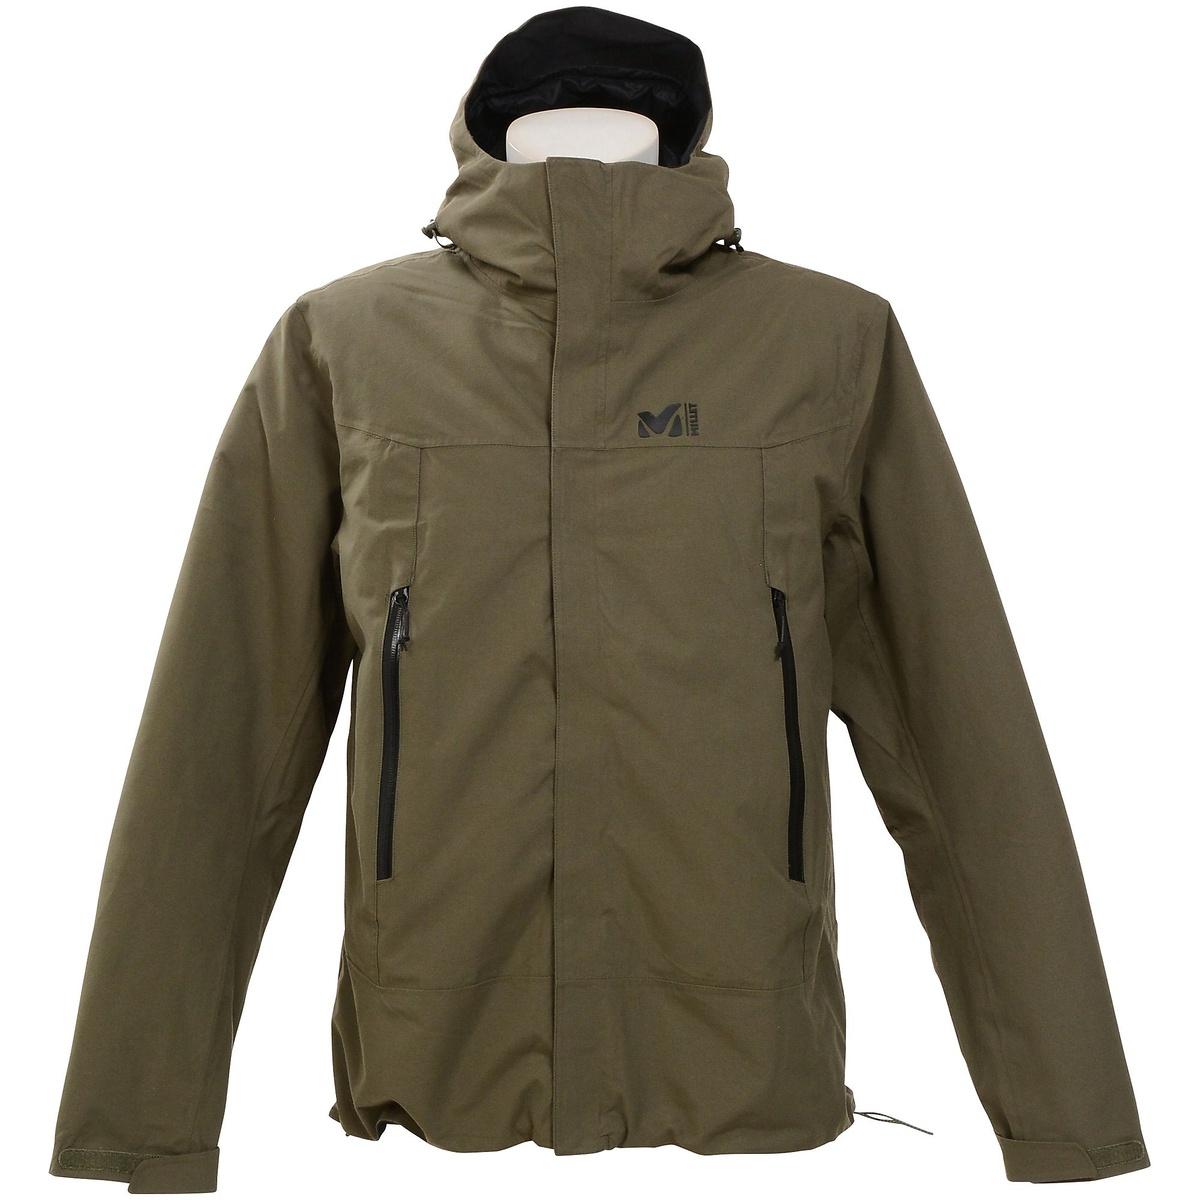 ● 【送料無料】 MILLET (ミレー) トレッキング アウトドア 厚手ジャケット アカン 3 イン 1 ジャケット メンズ GRAPE LEAF MIV7973 7094